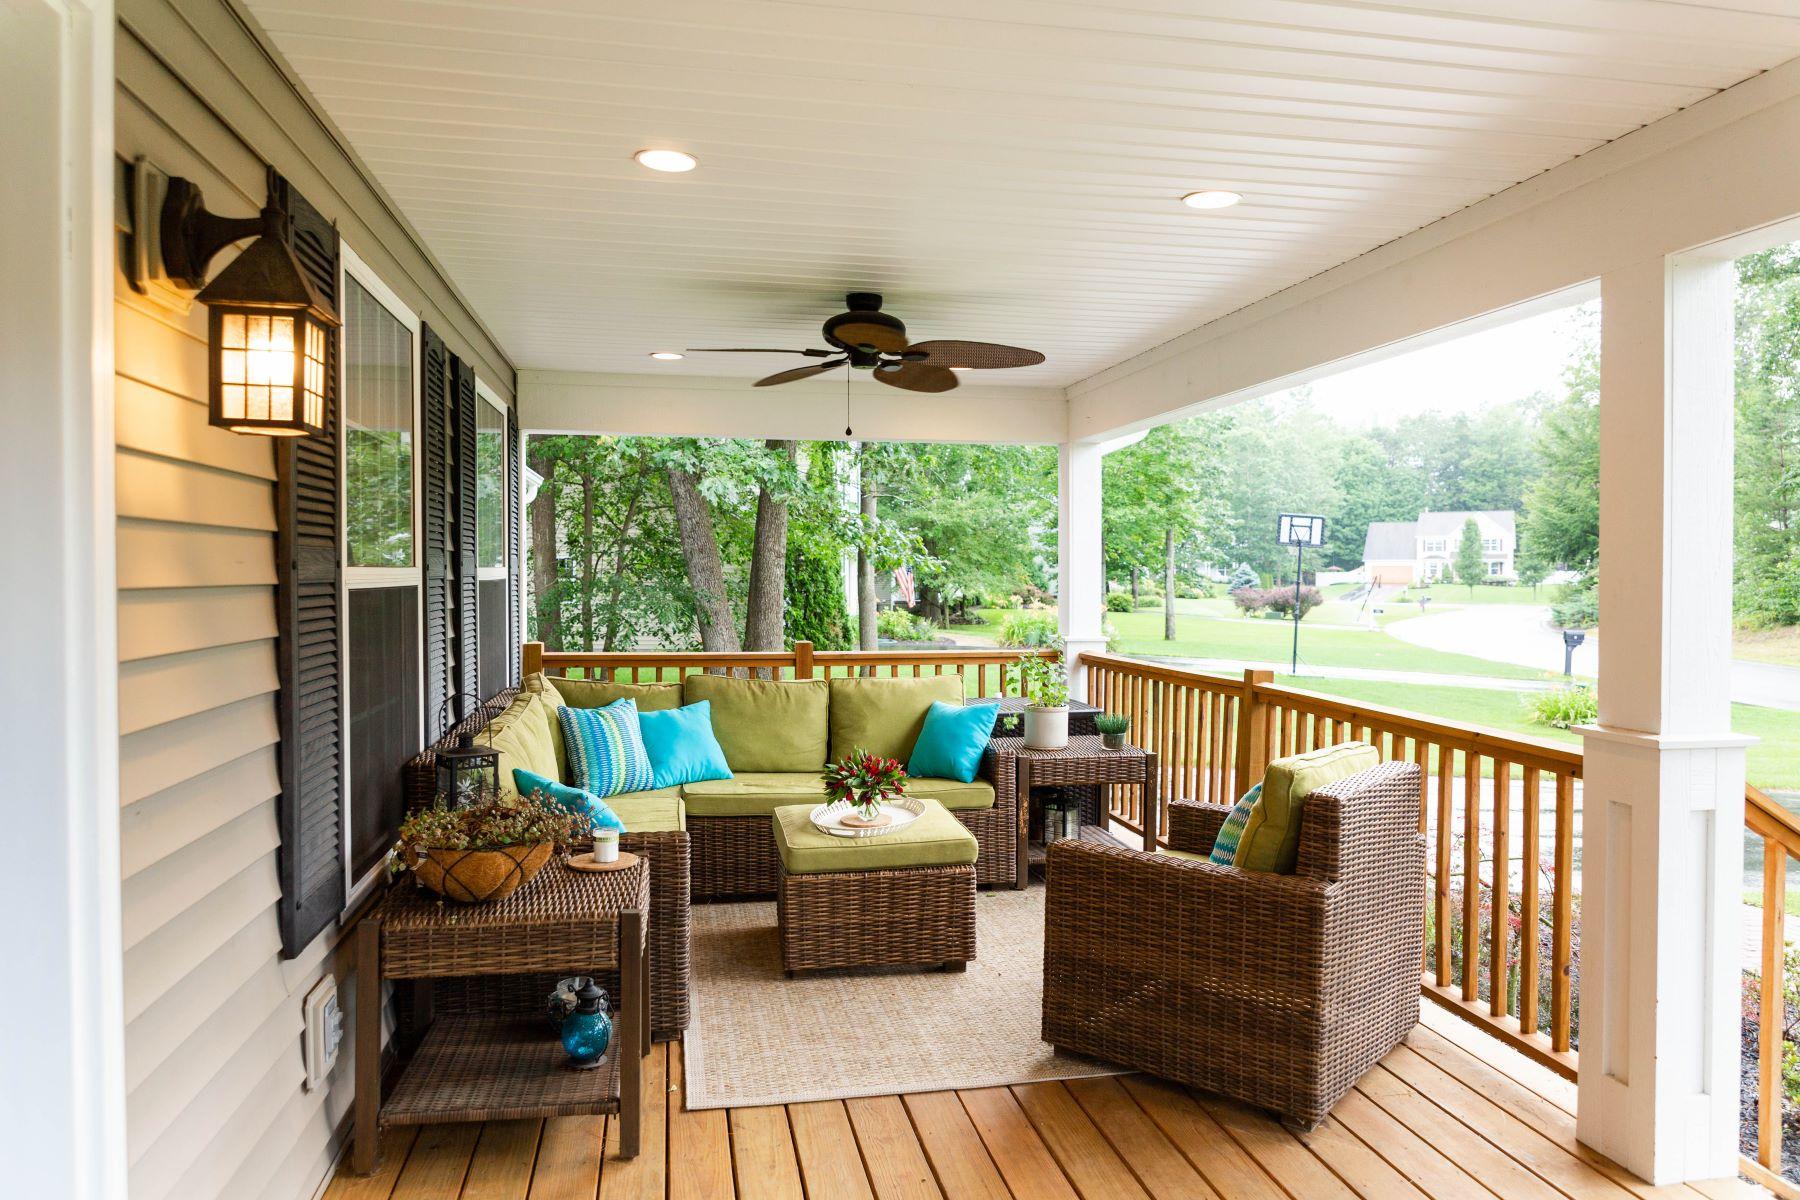 Single Family Homes for Sale at Lovely Home in Gansevoort 8 Glenburnie Dr Gansevoort, New York 12831 United States